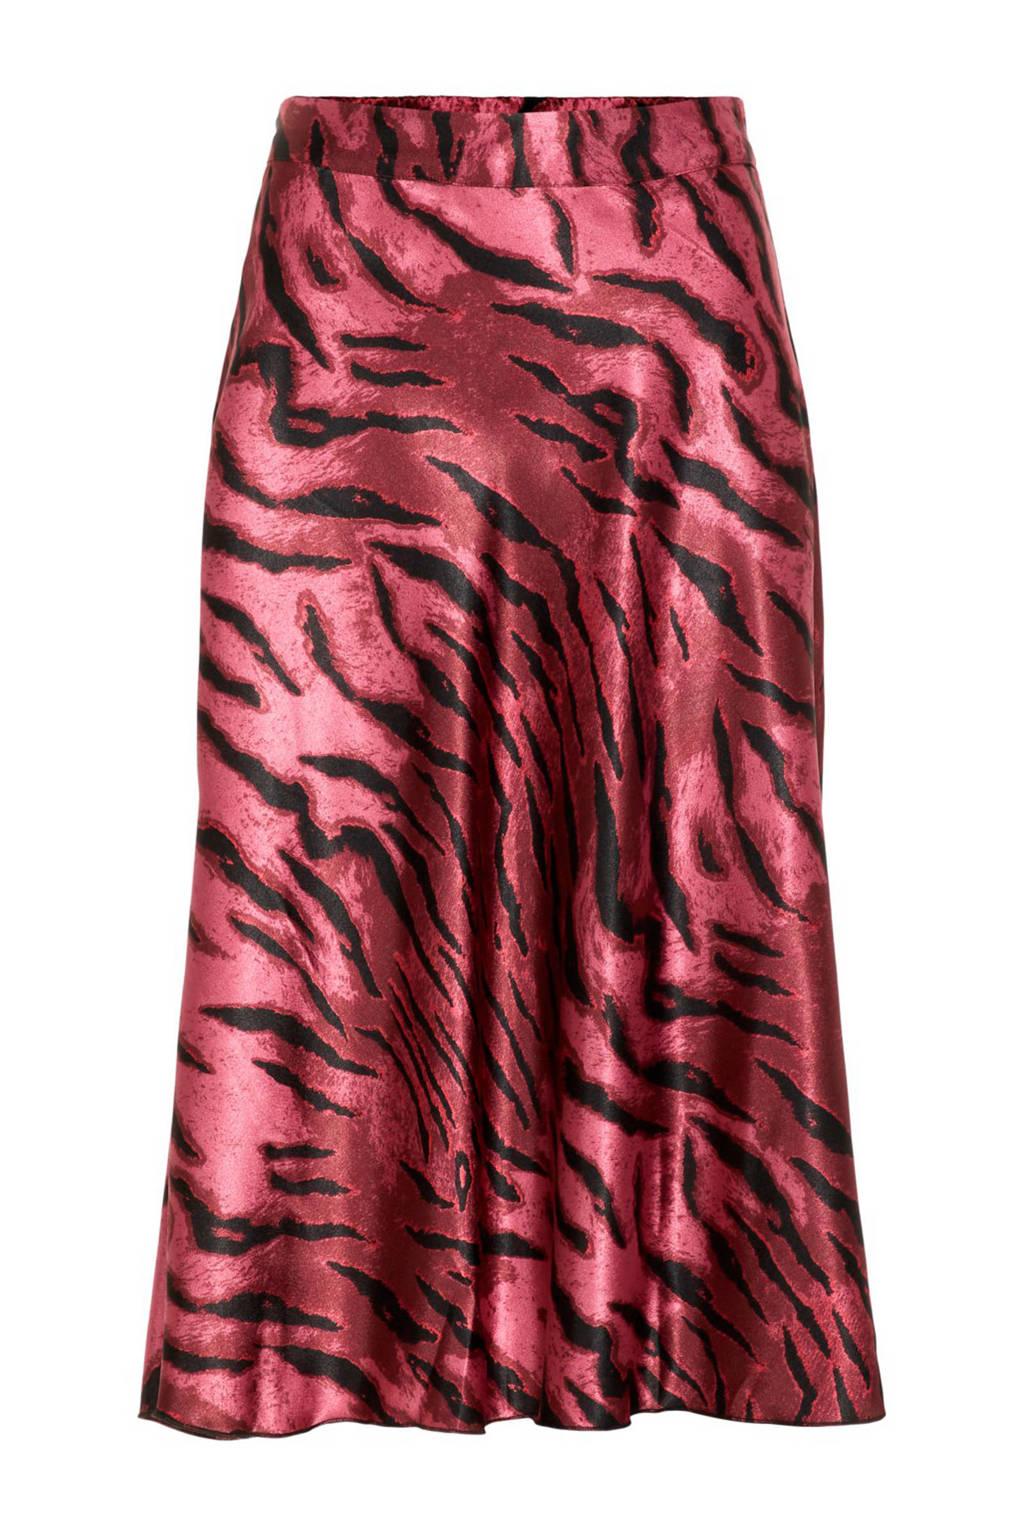 VERO MODA rok met tijgerprint roze, Roze